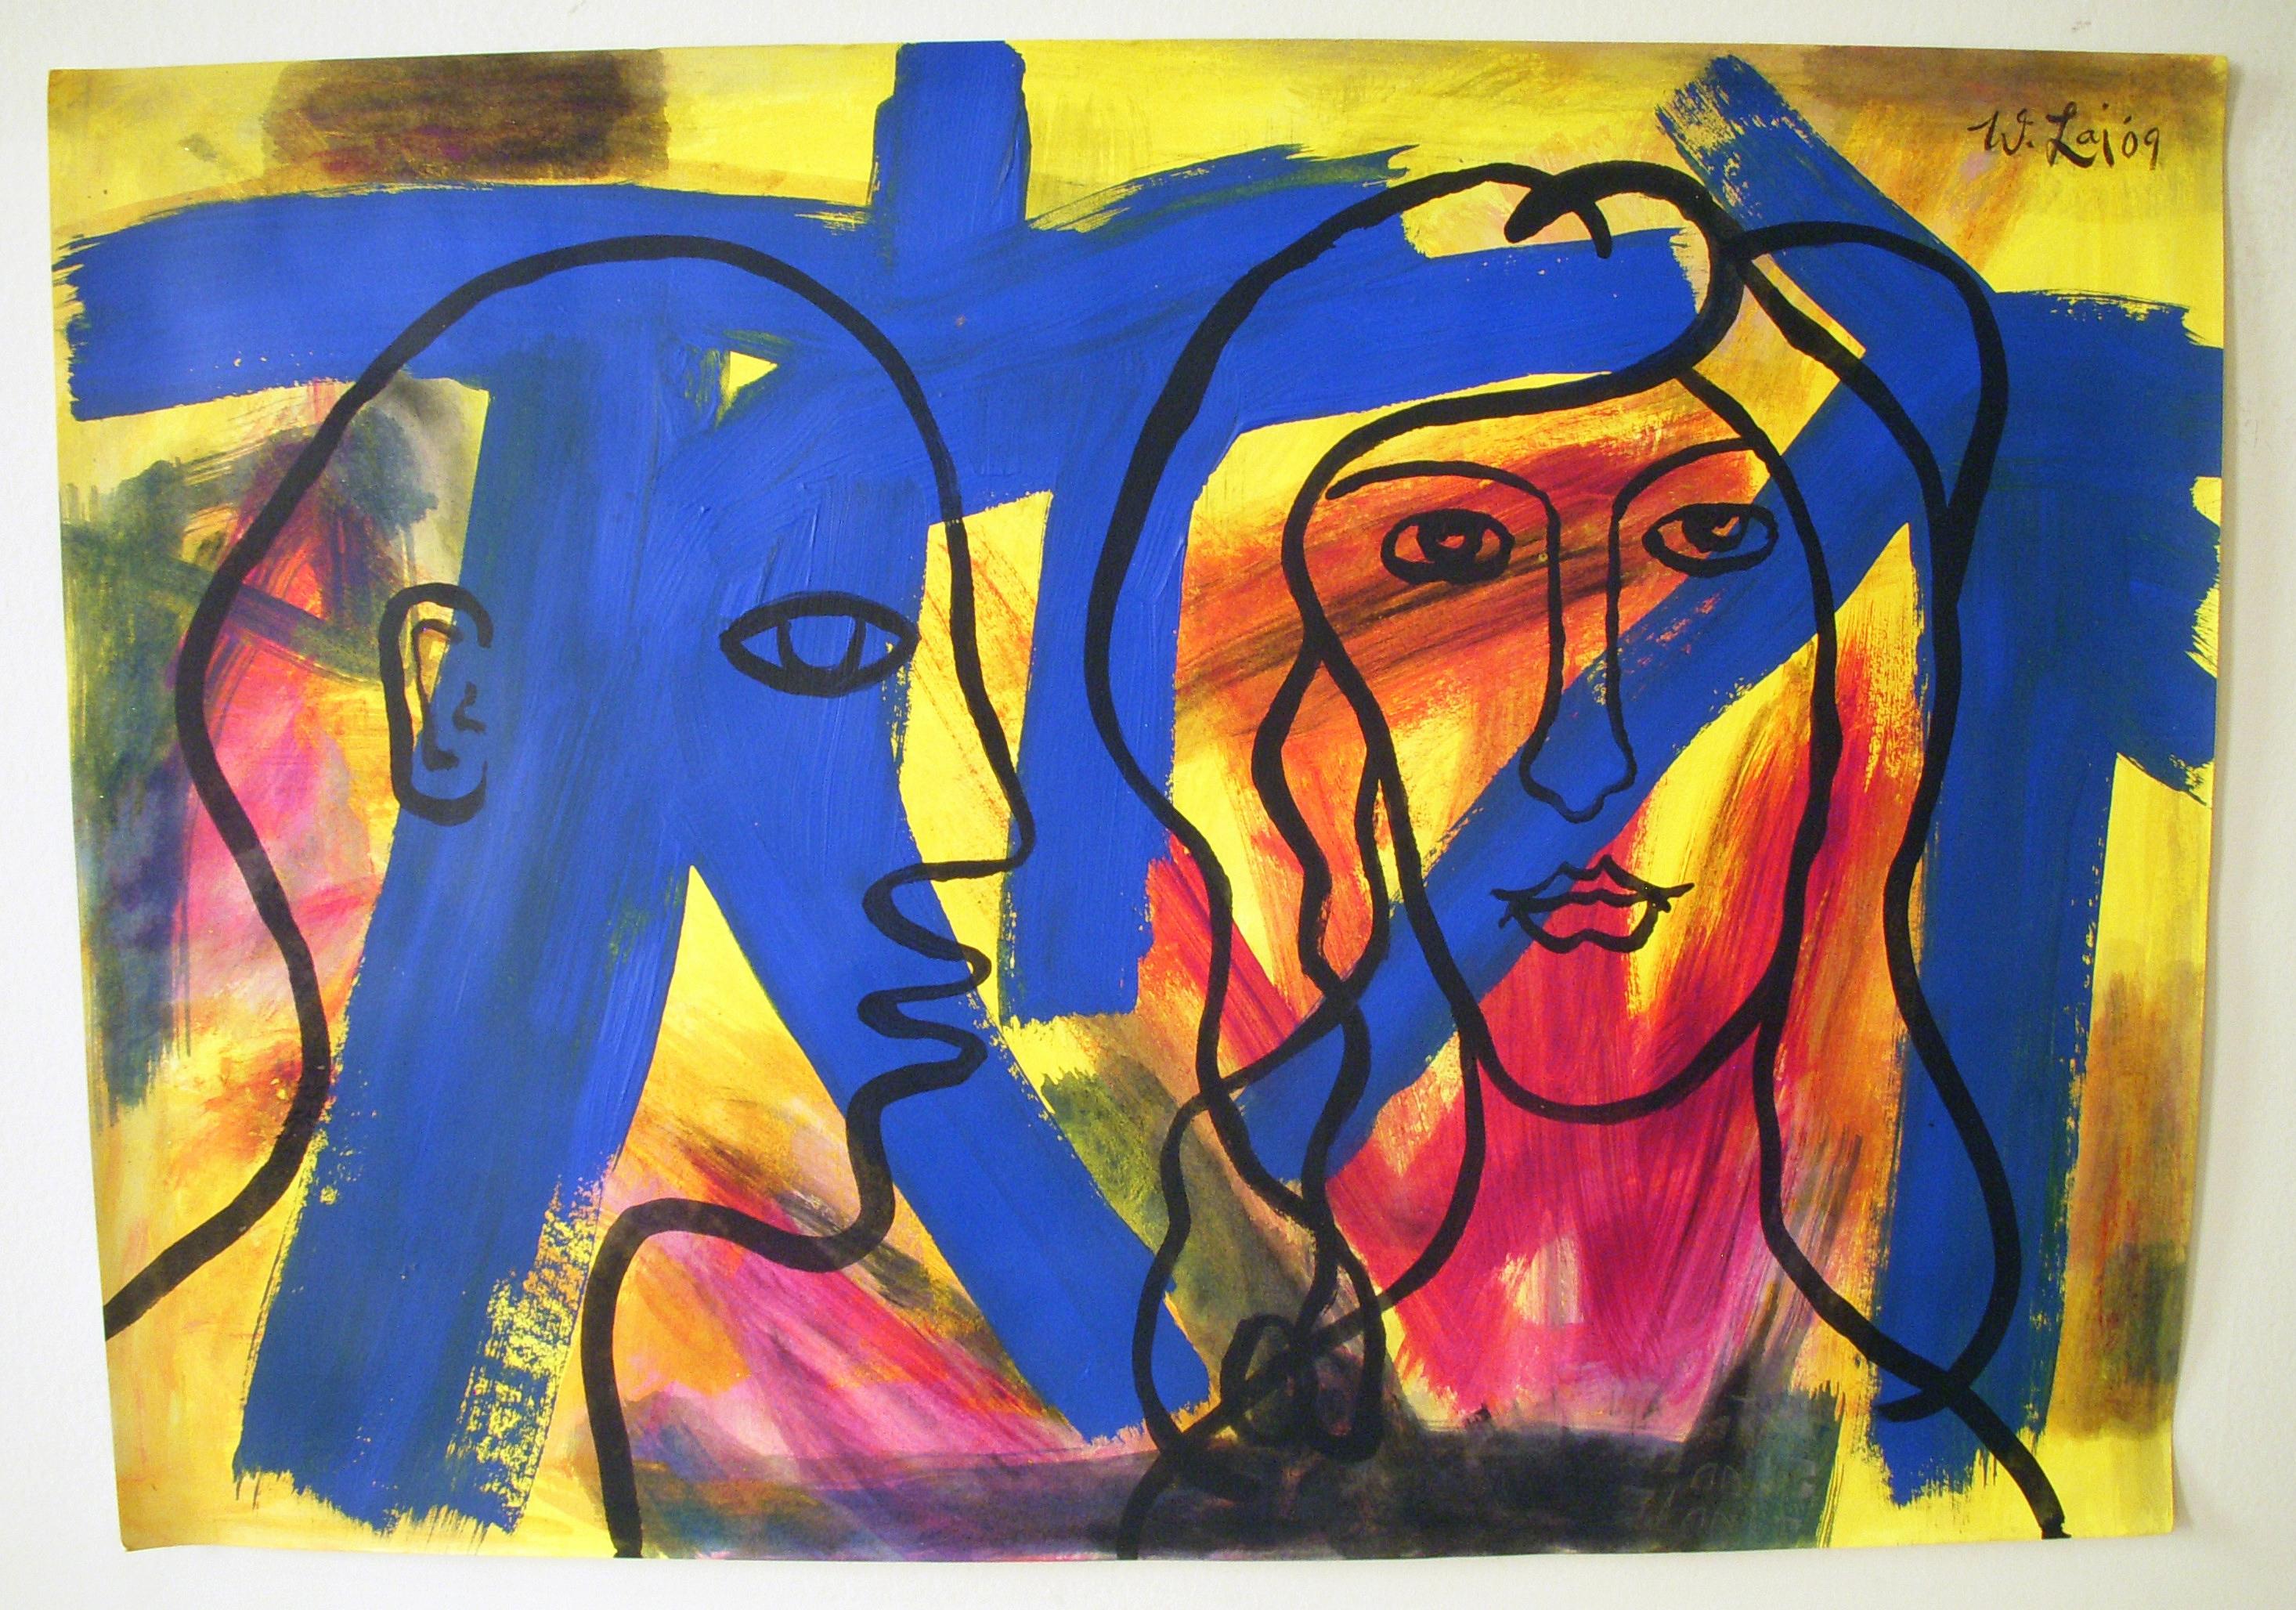 4072    1720    Images    £200 (unframed)    3386